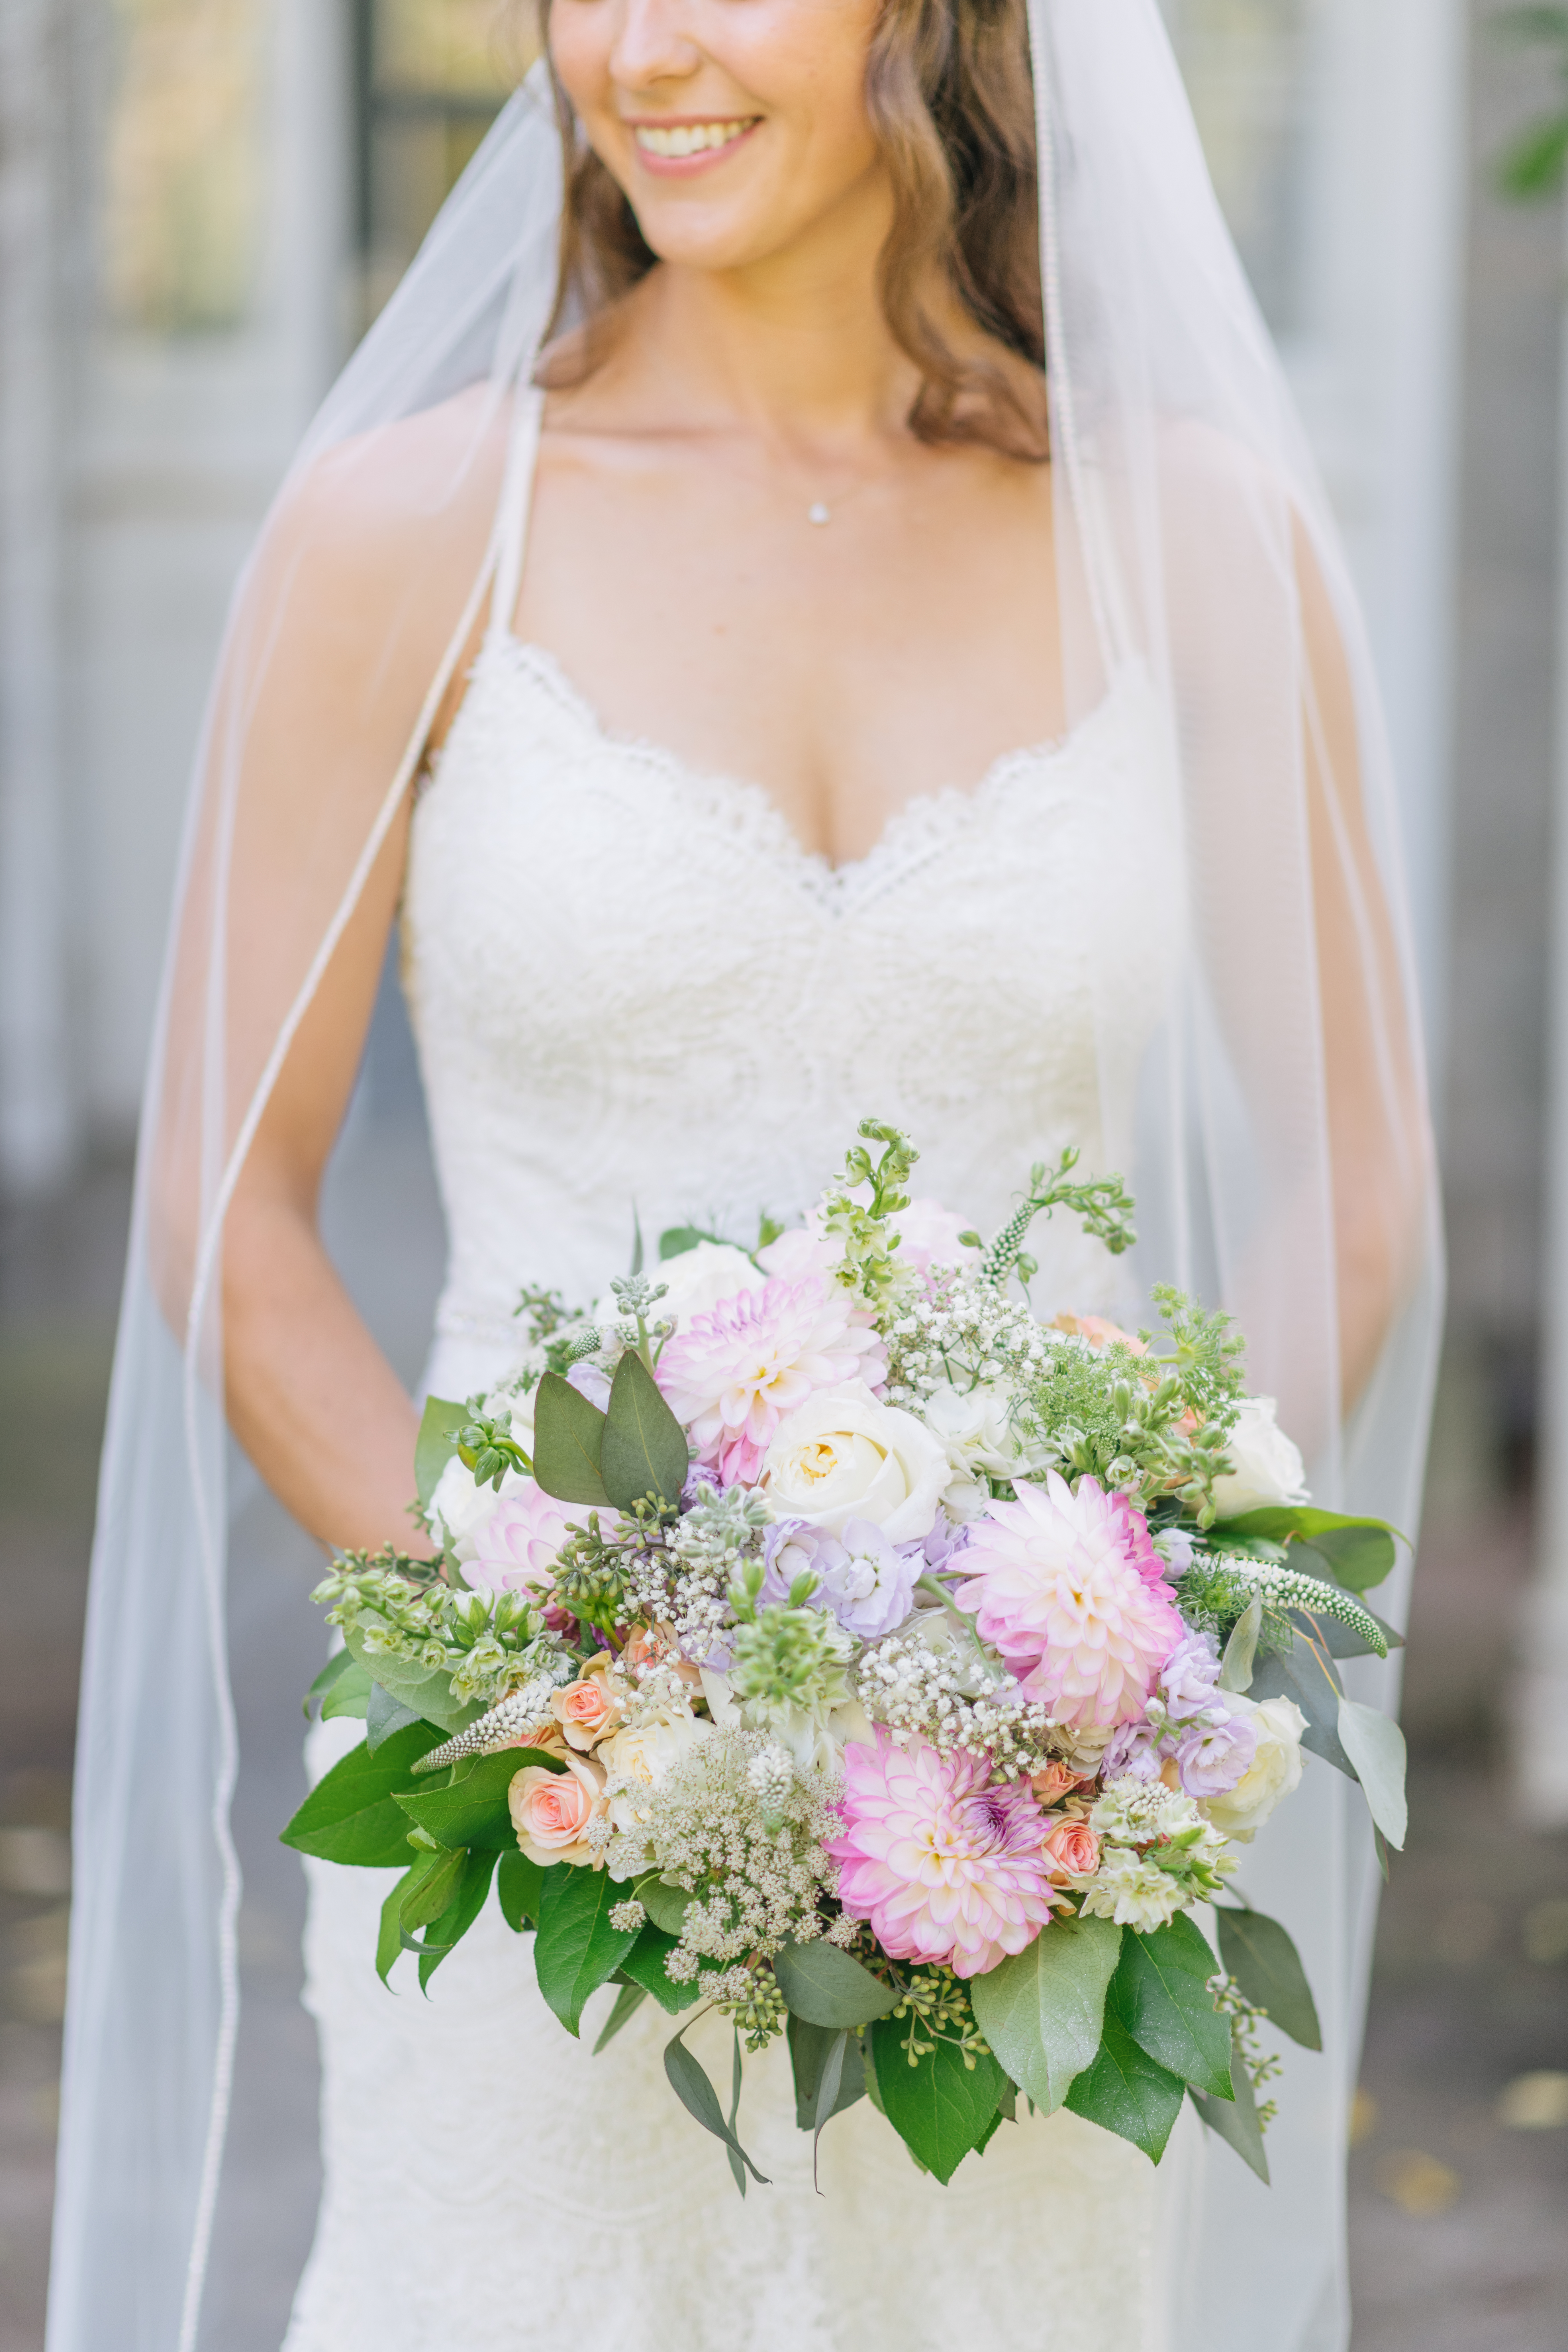 Cloud Nine Photography Bridal Bouquet